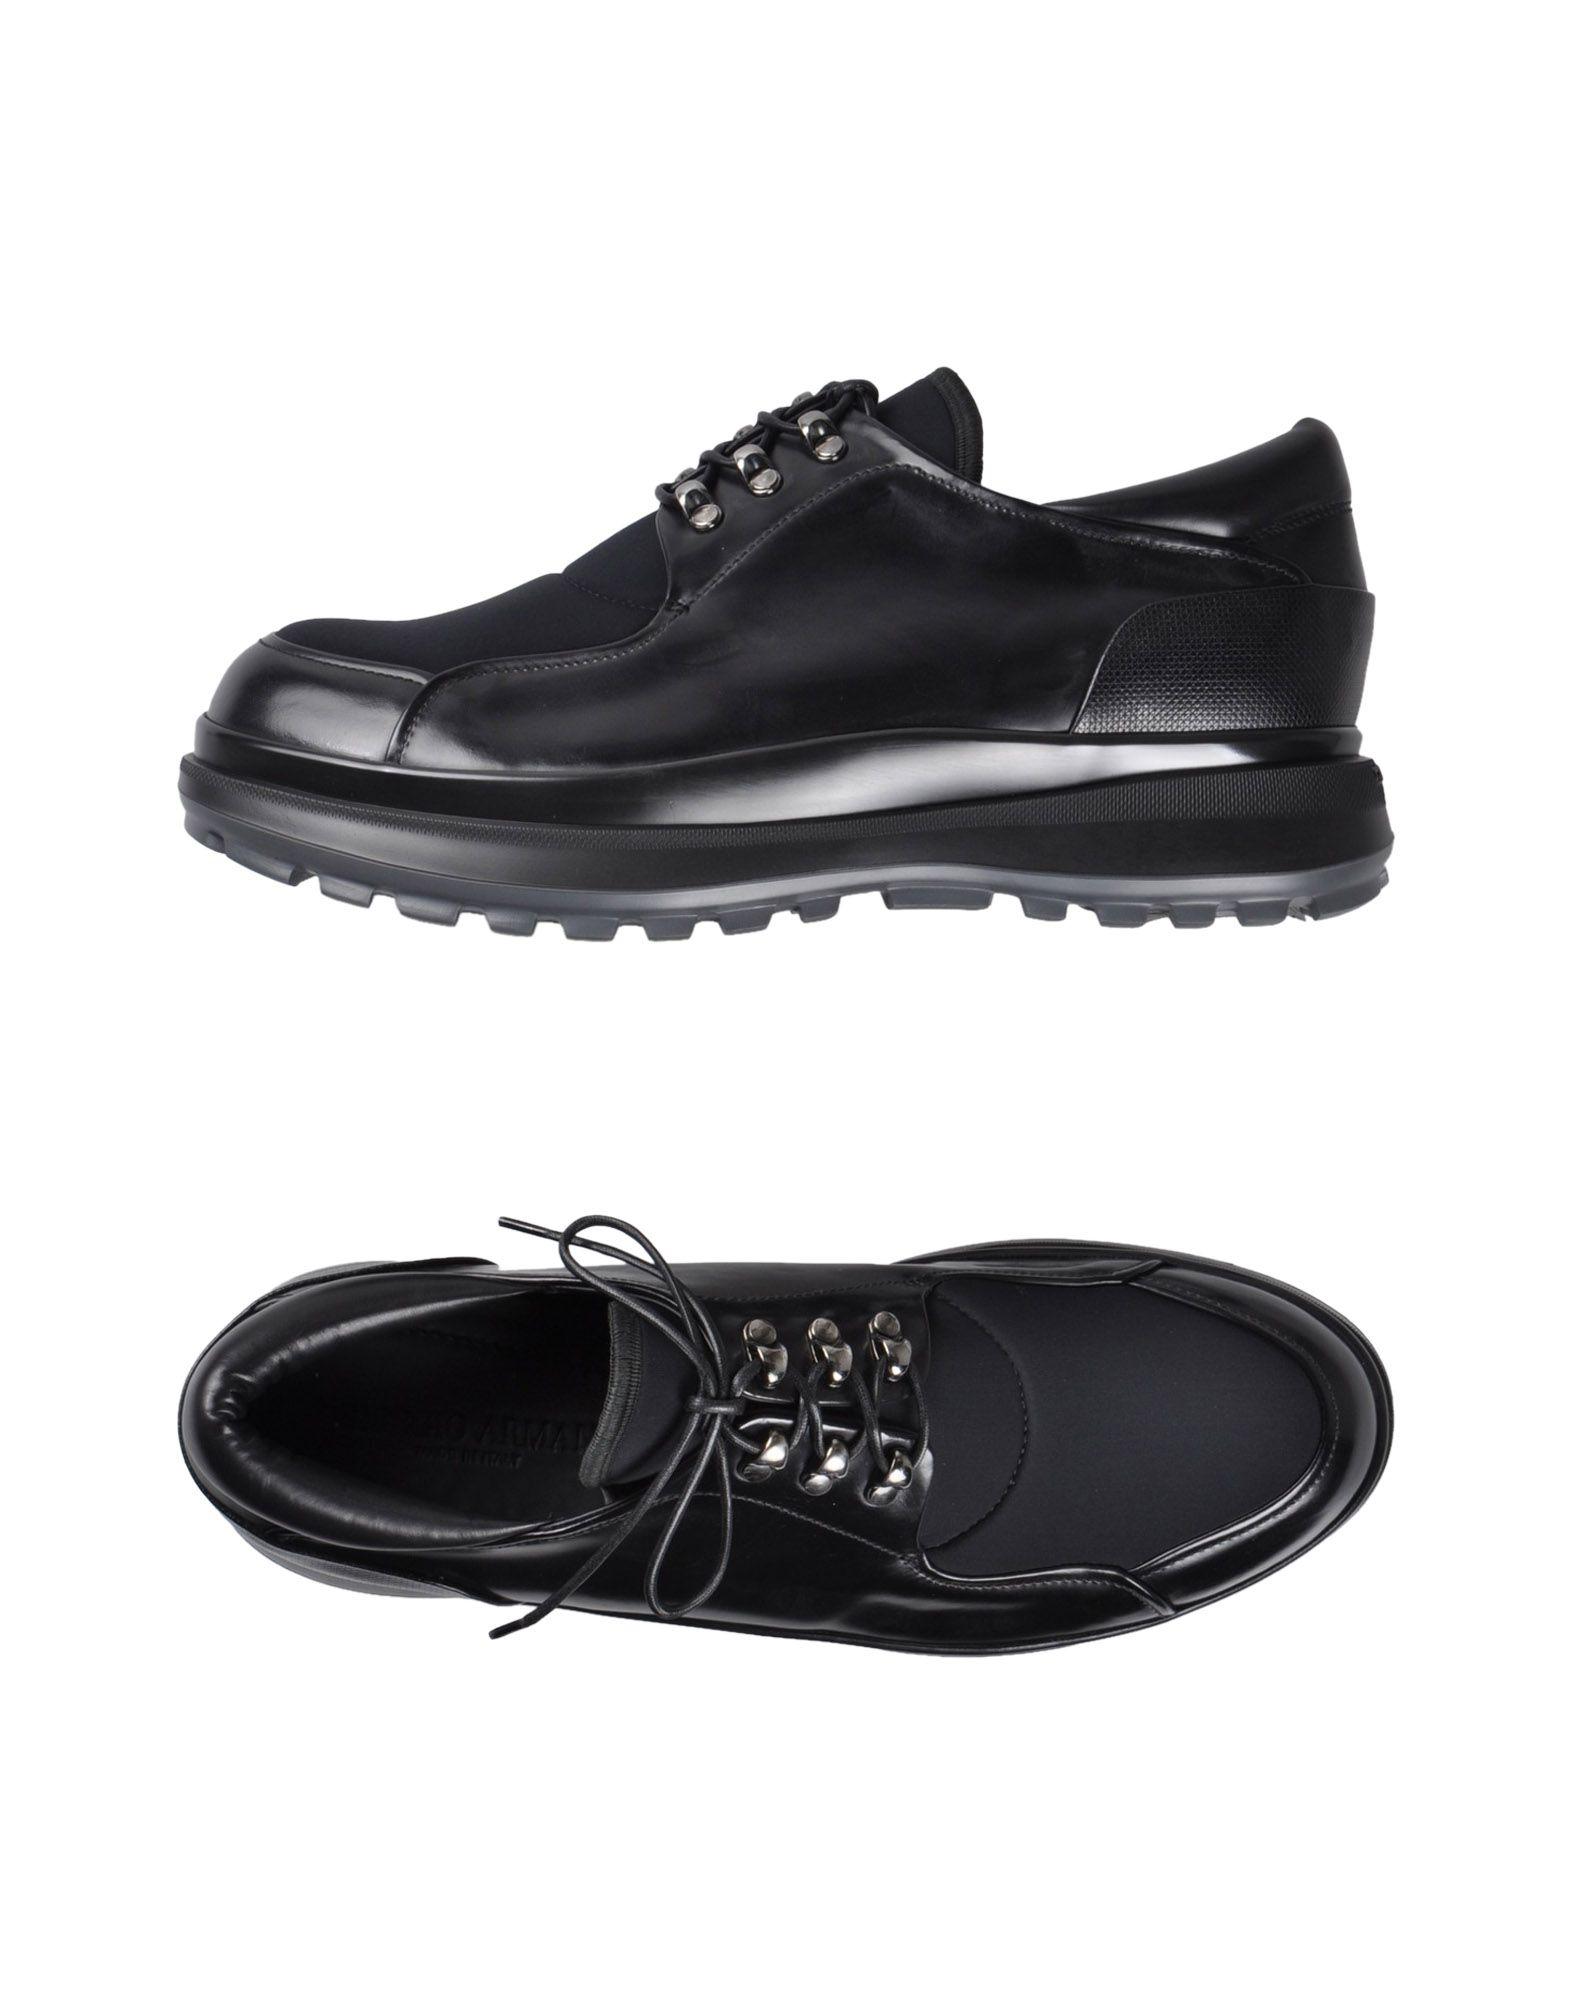 Giorgio Armani Schnürschuhe Herren  11451527BX Gute Qualität beliebte Schuhe